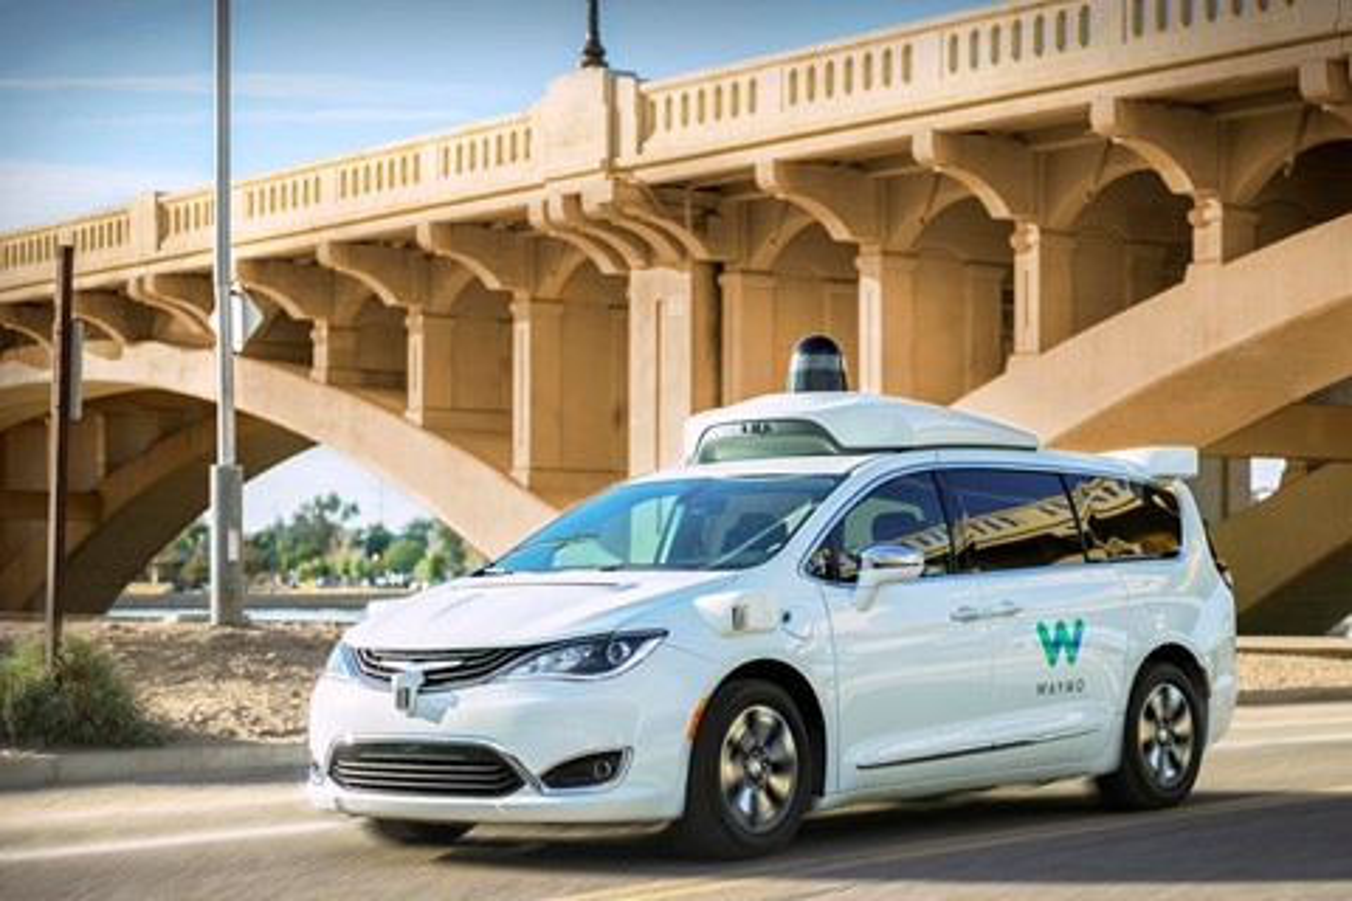 Imagem de Norte-americanos estão atacando carros autônomos da Waymo nas ruas no tecmundo